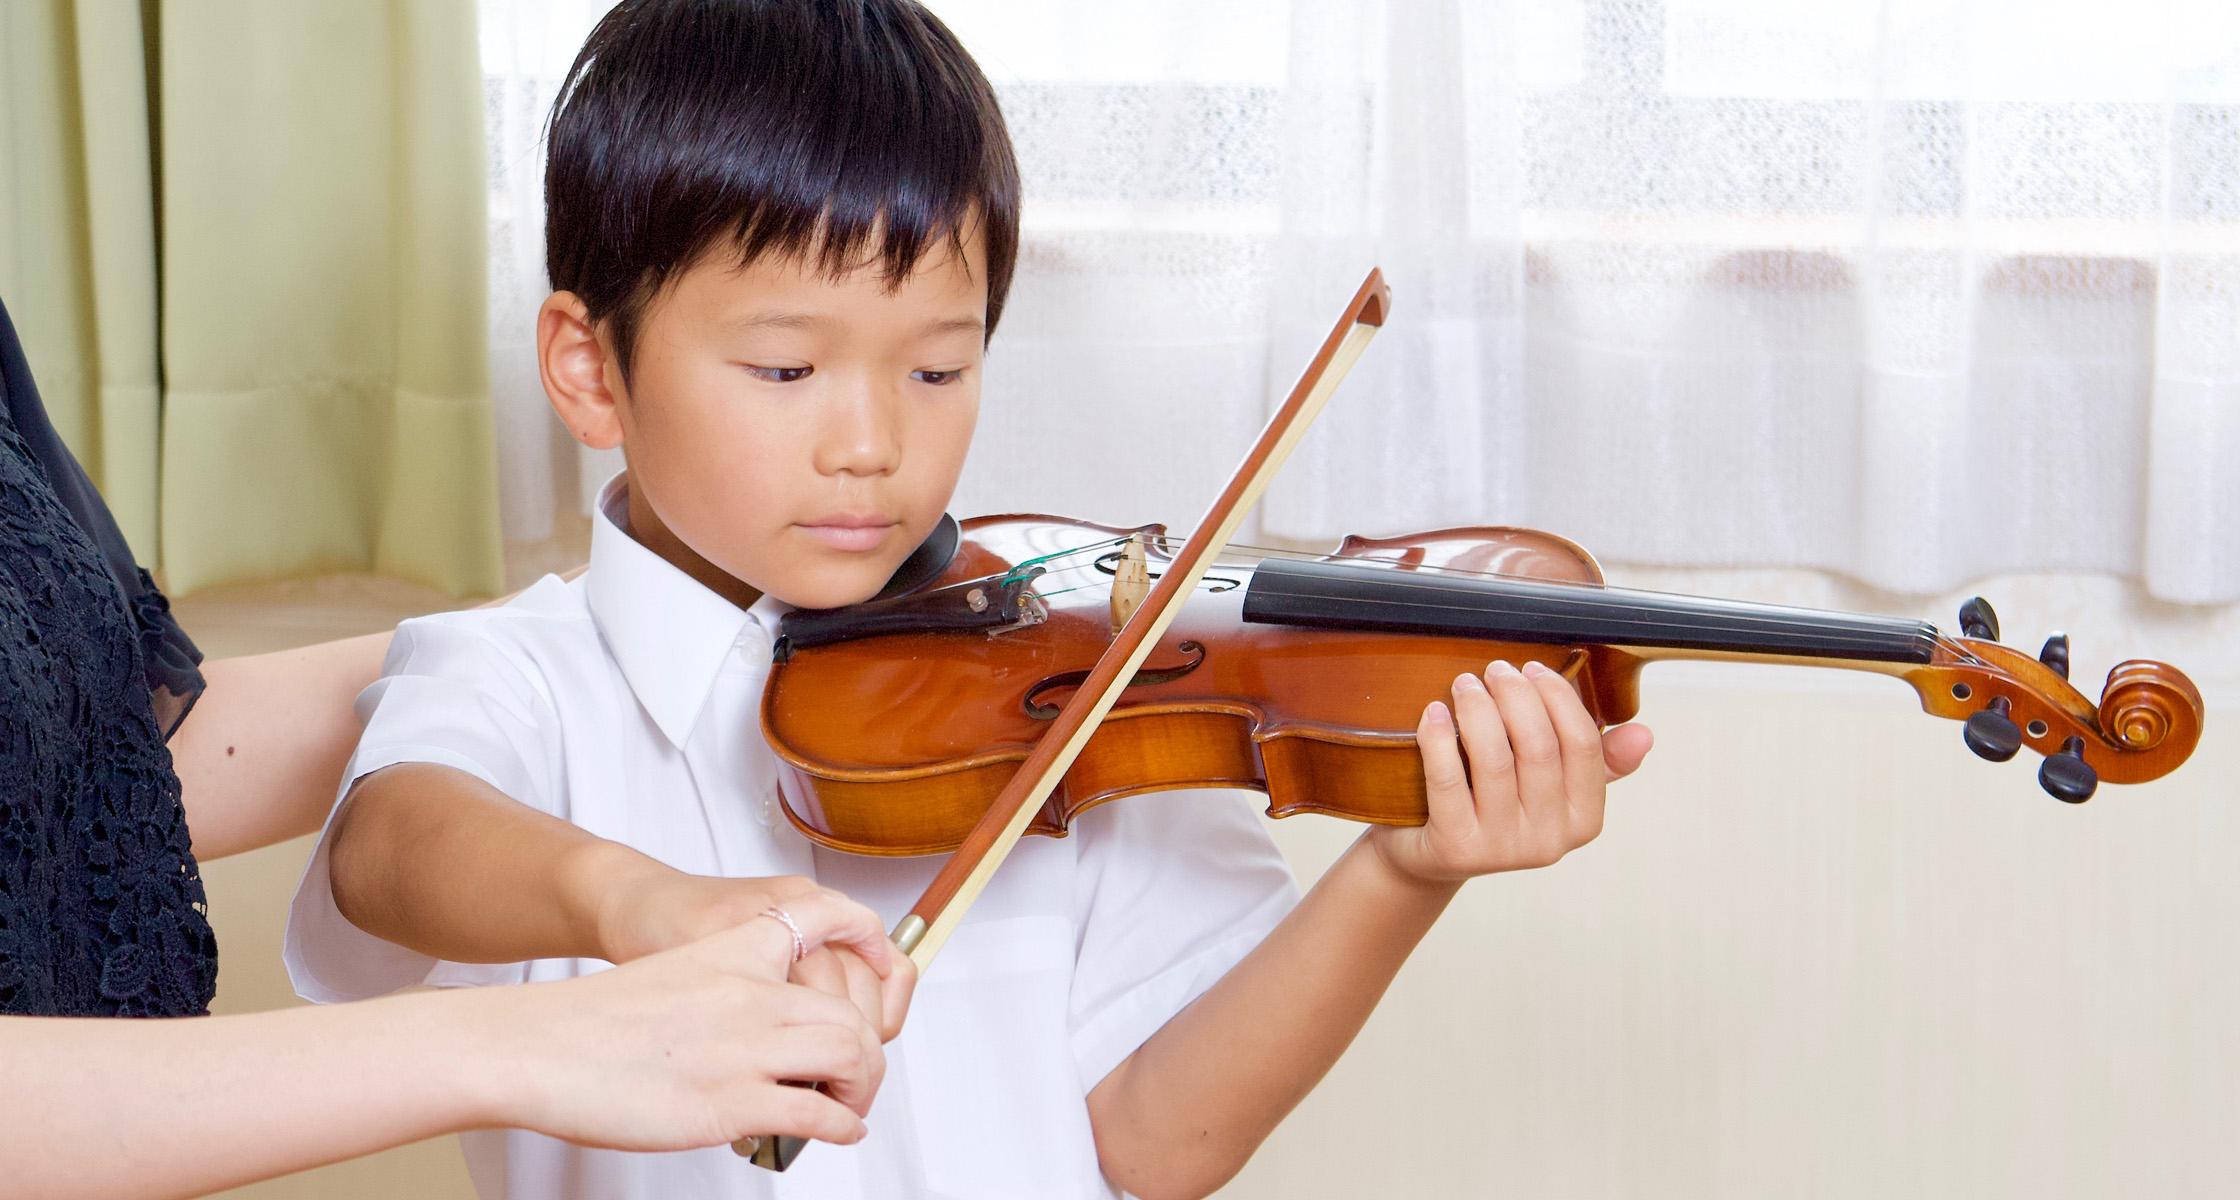 小学生がヴァイオリンを弾いている